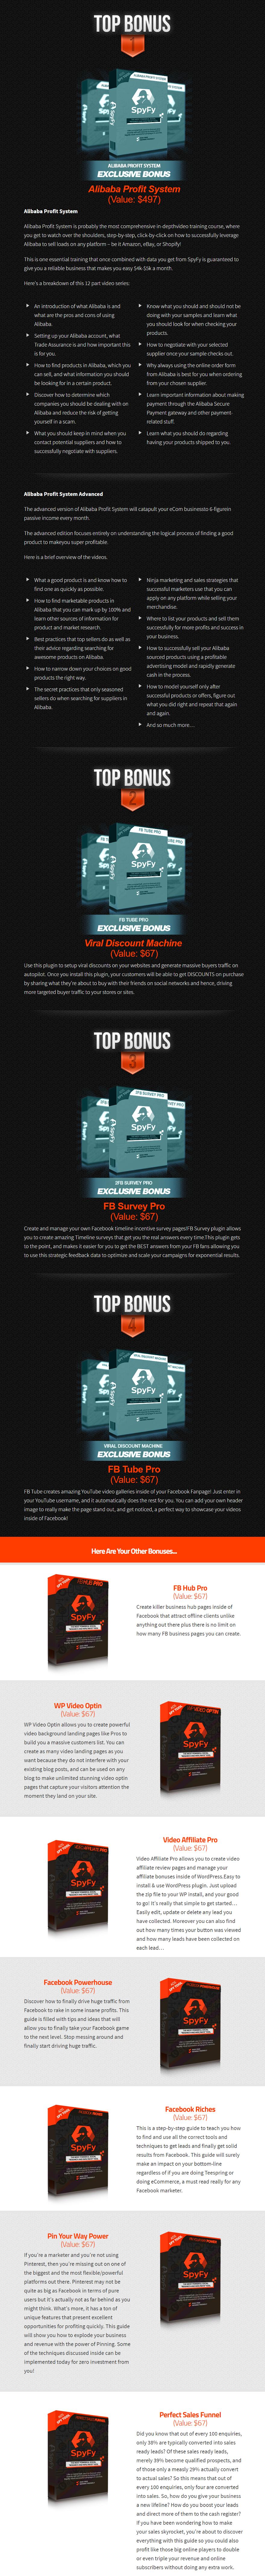 SpyFy Bonuses